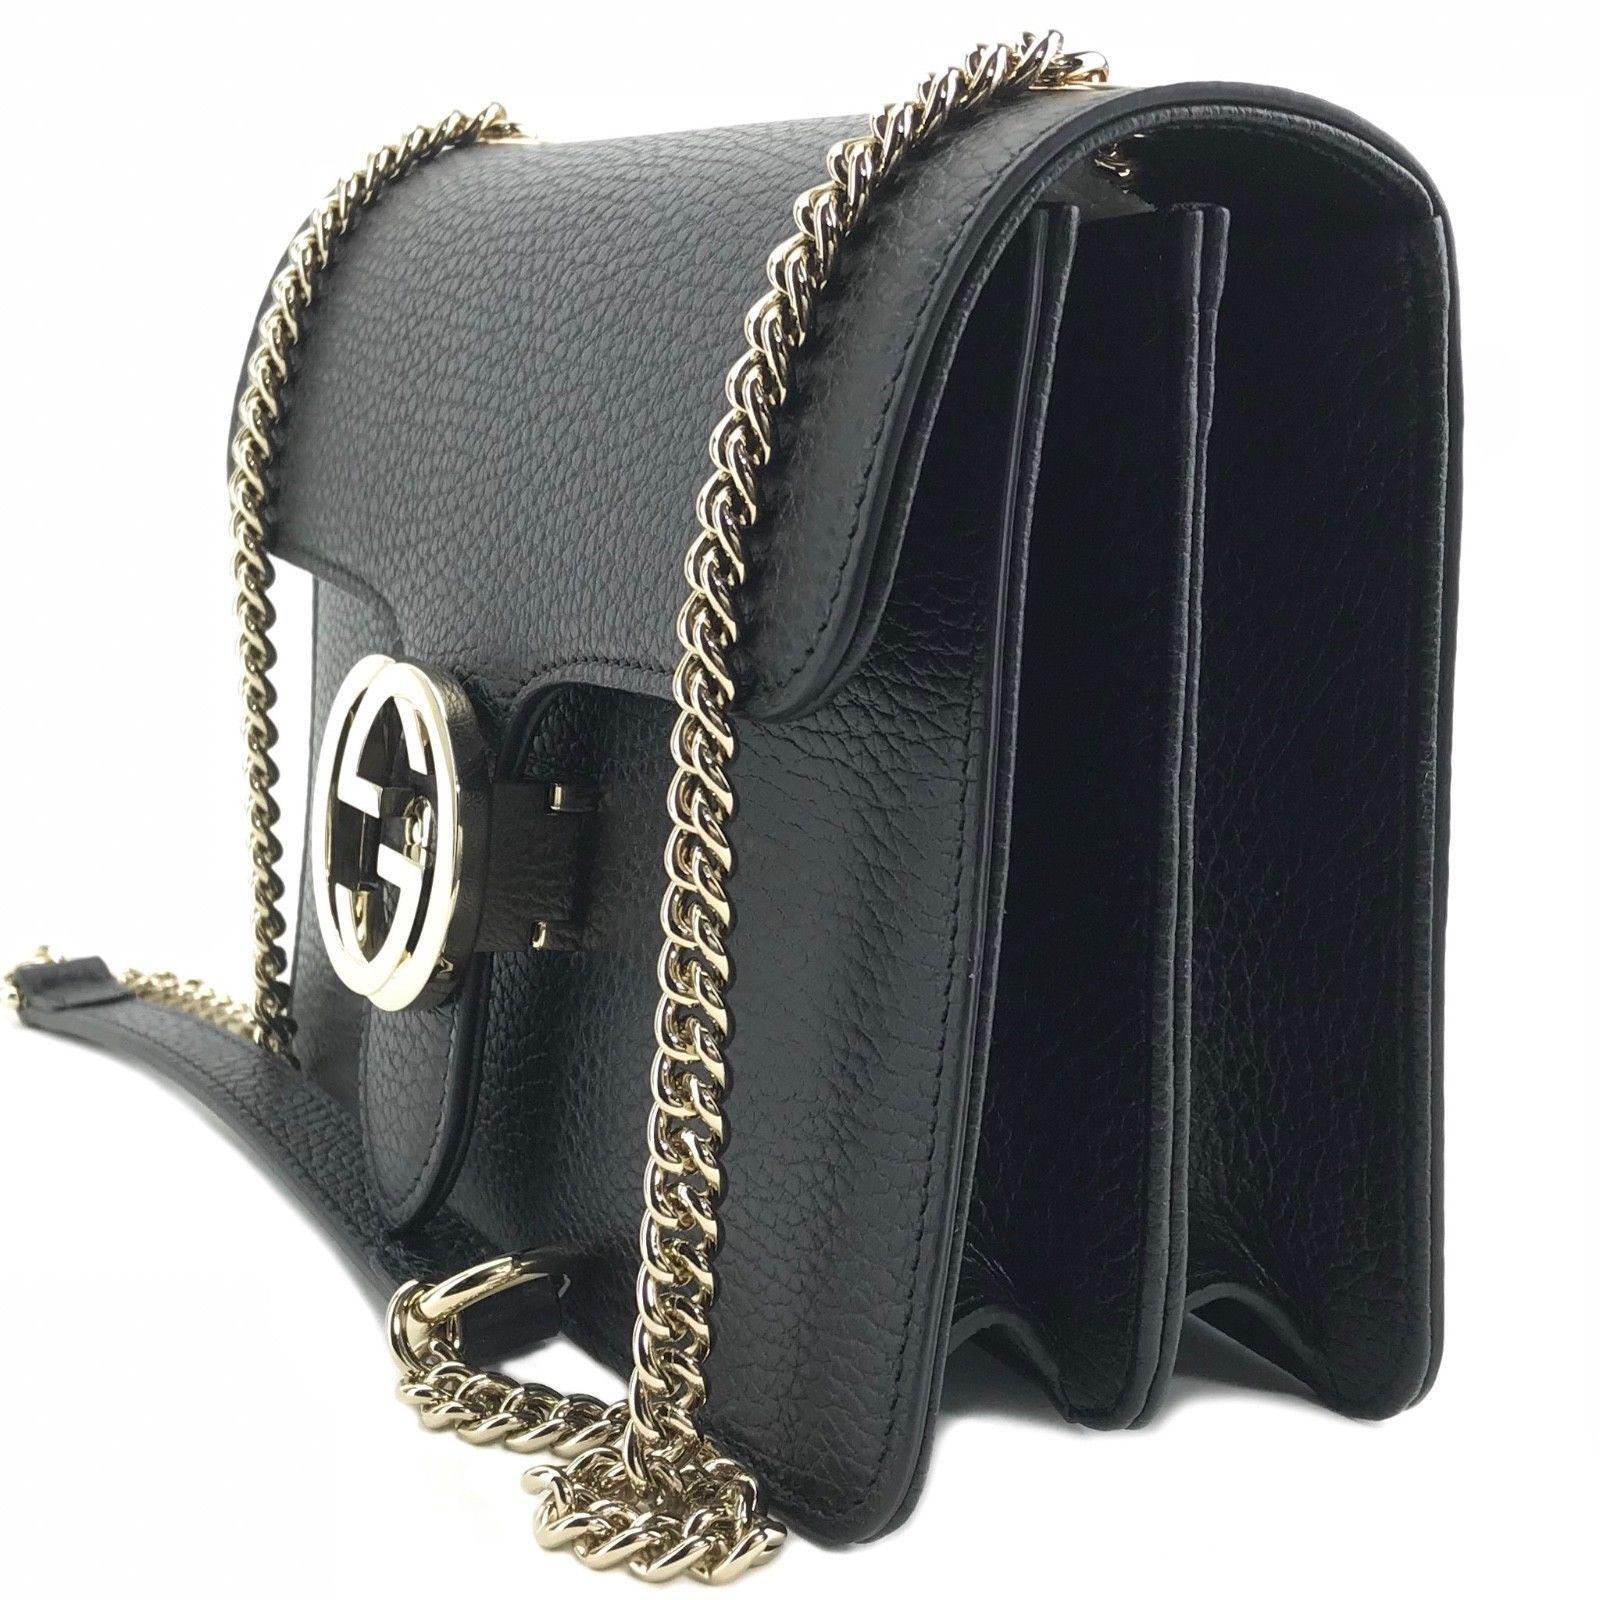 ef253c0b82b64c NWT GUCCI 510304 Interlocking Leather Chain Crossbody Bag, Black